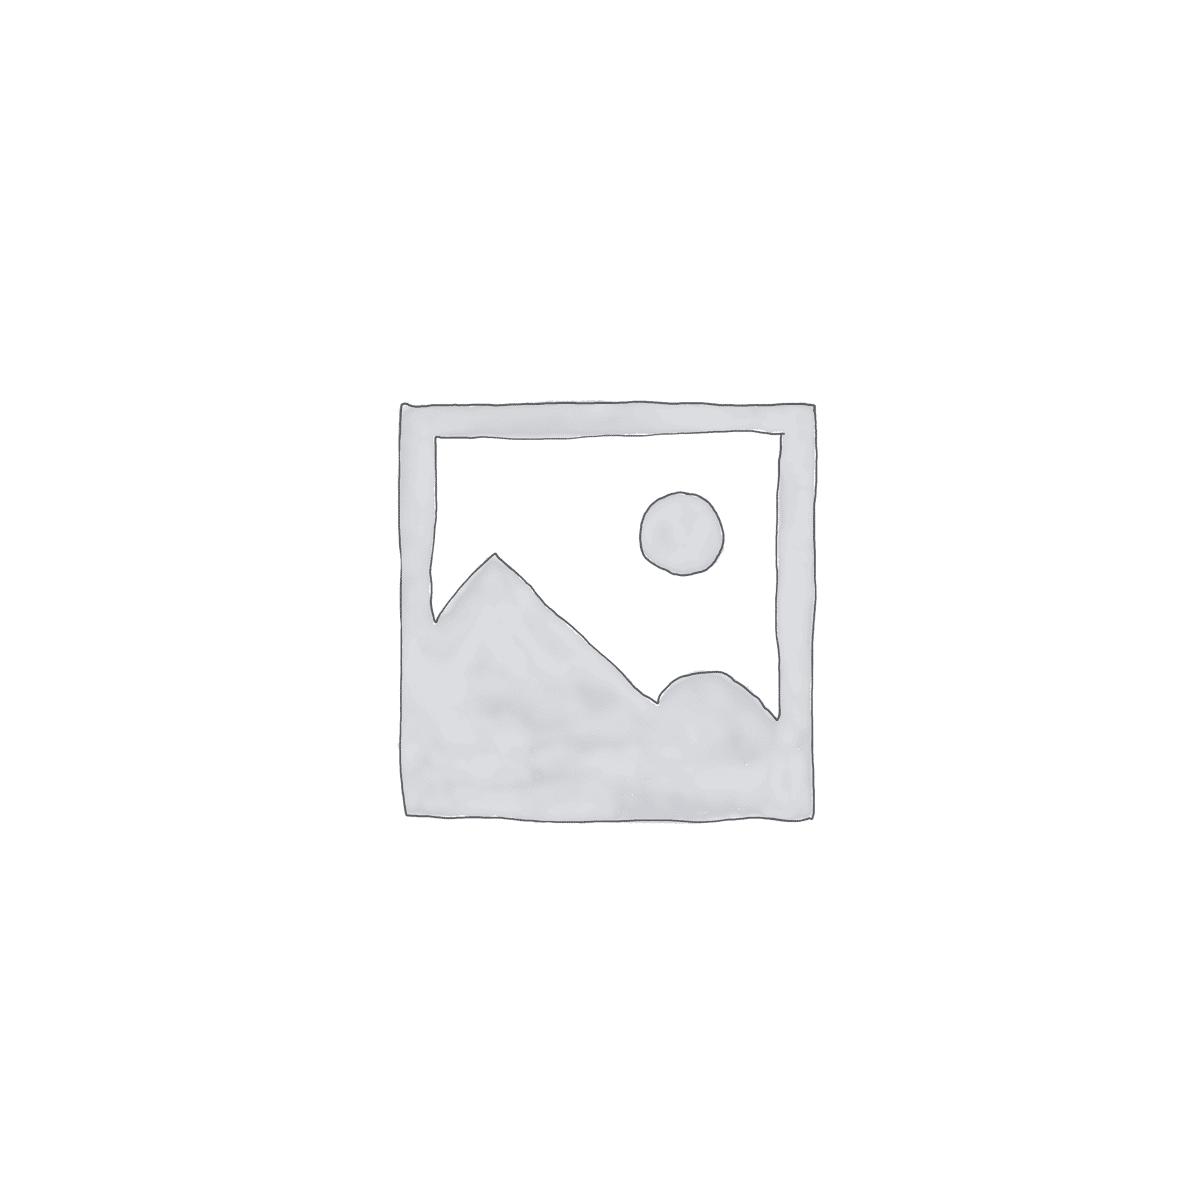 Bauschilder ohne Untergestell